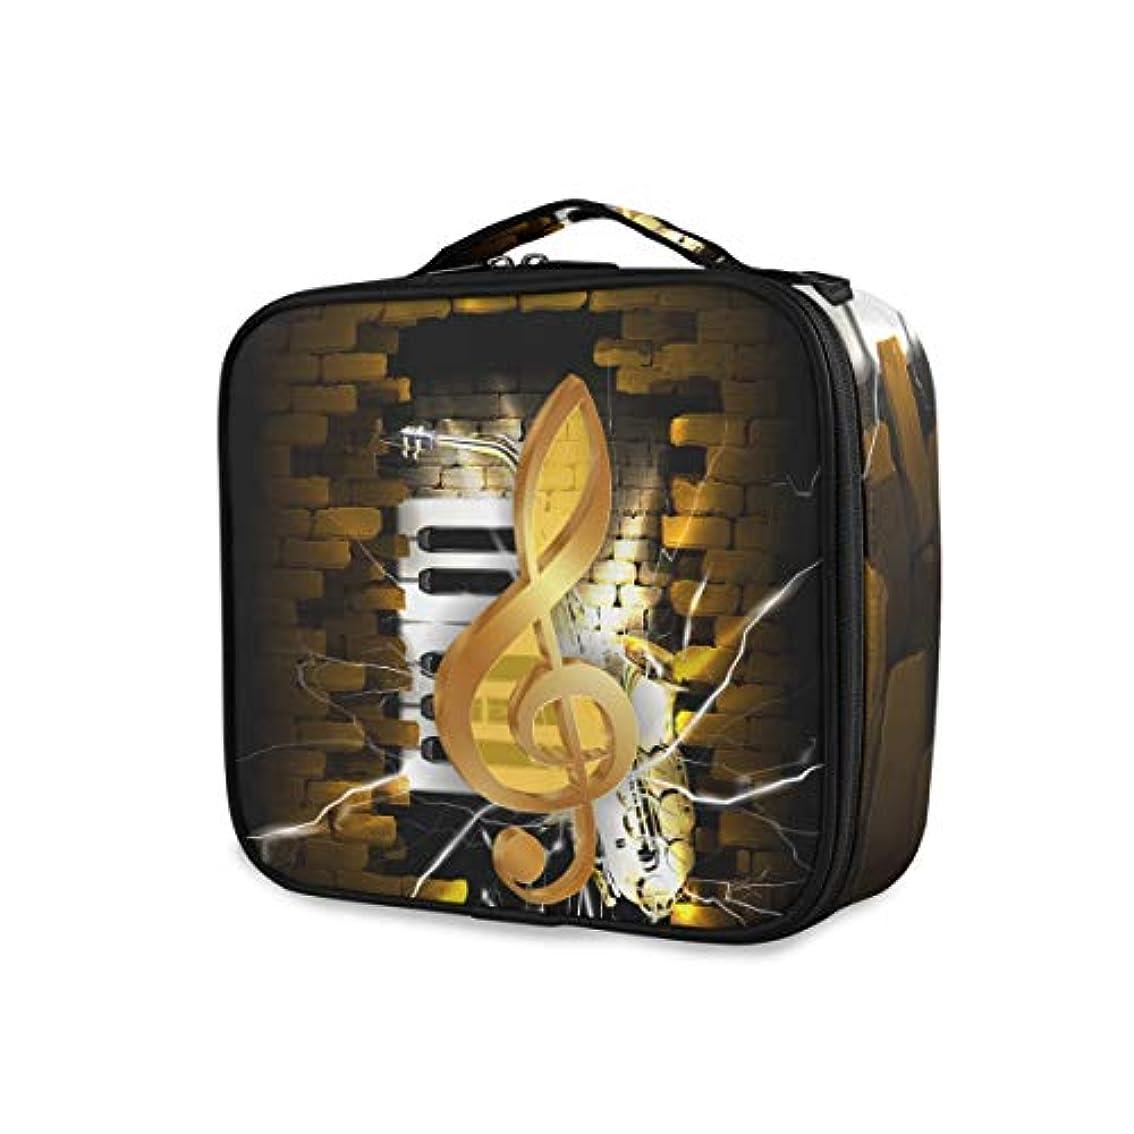 流出乱す指令KAPANOU プロ用 メイクボックス レンガの壁とサックスのピアノのキーの背景に金色のト音記号 多機能 高品質 美容師 マニキュリスト 刺青師 専用 化粧ボックス メイクアップアーティスト 収納ケース メイクブラシ 化粧道具...